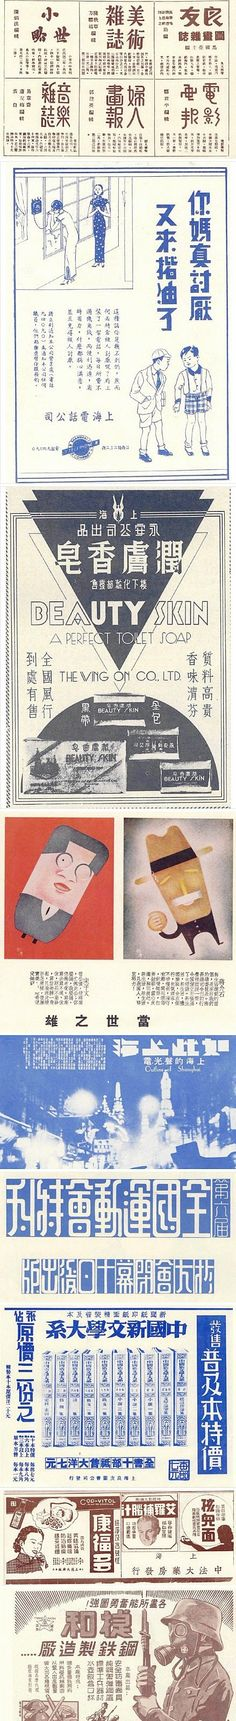 1912-1949 / China Graphic Design: